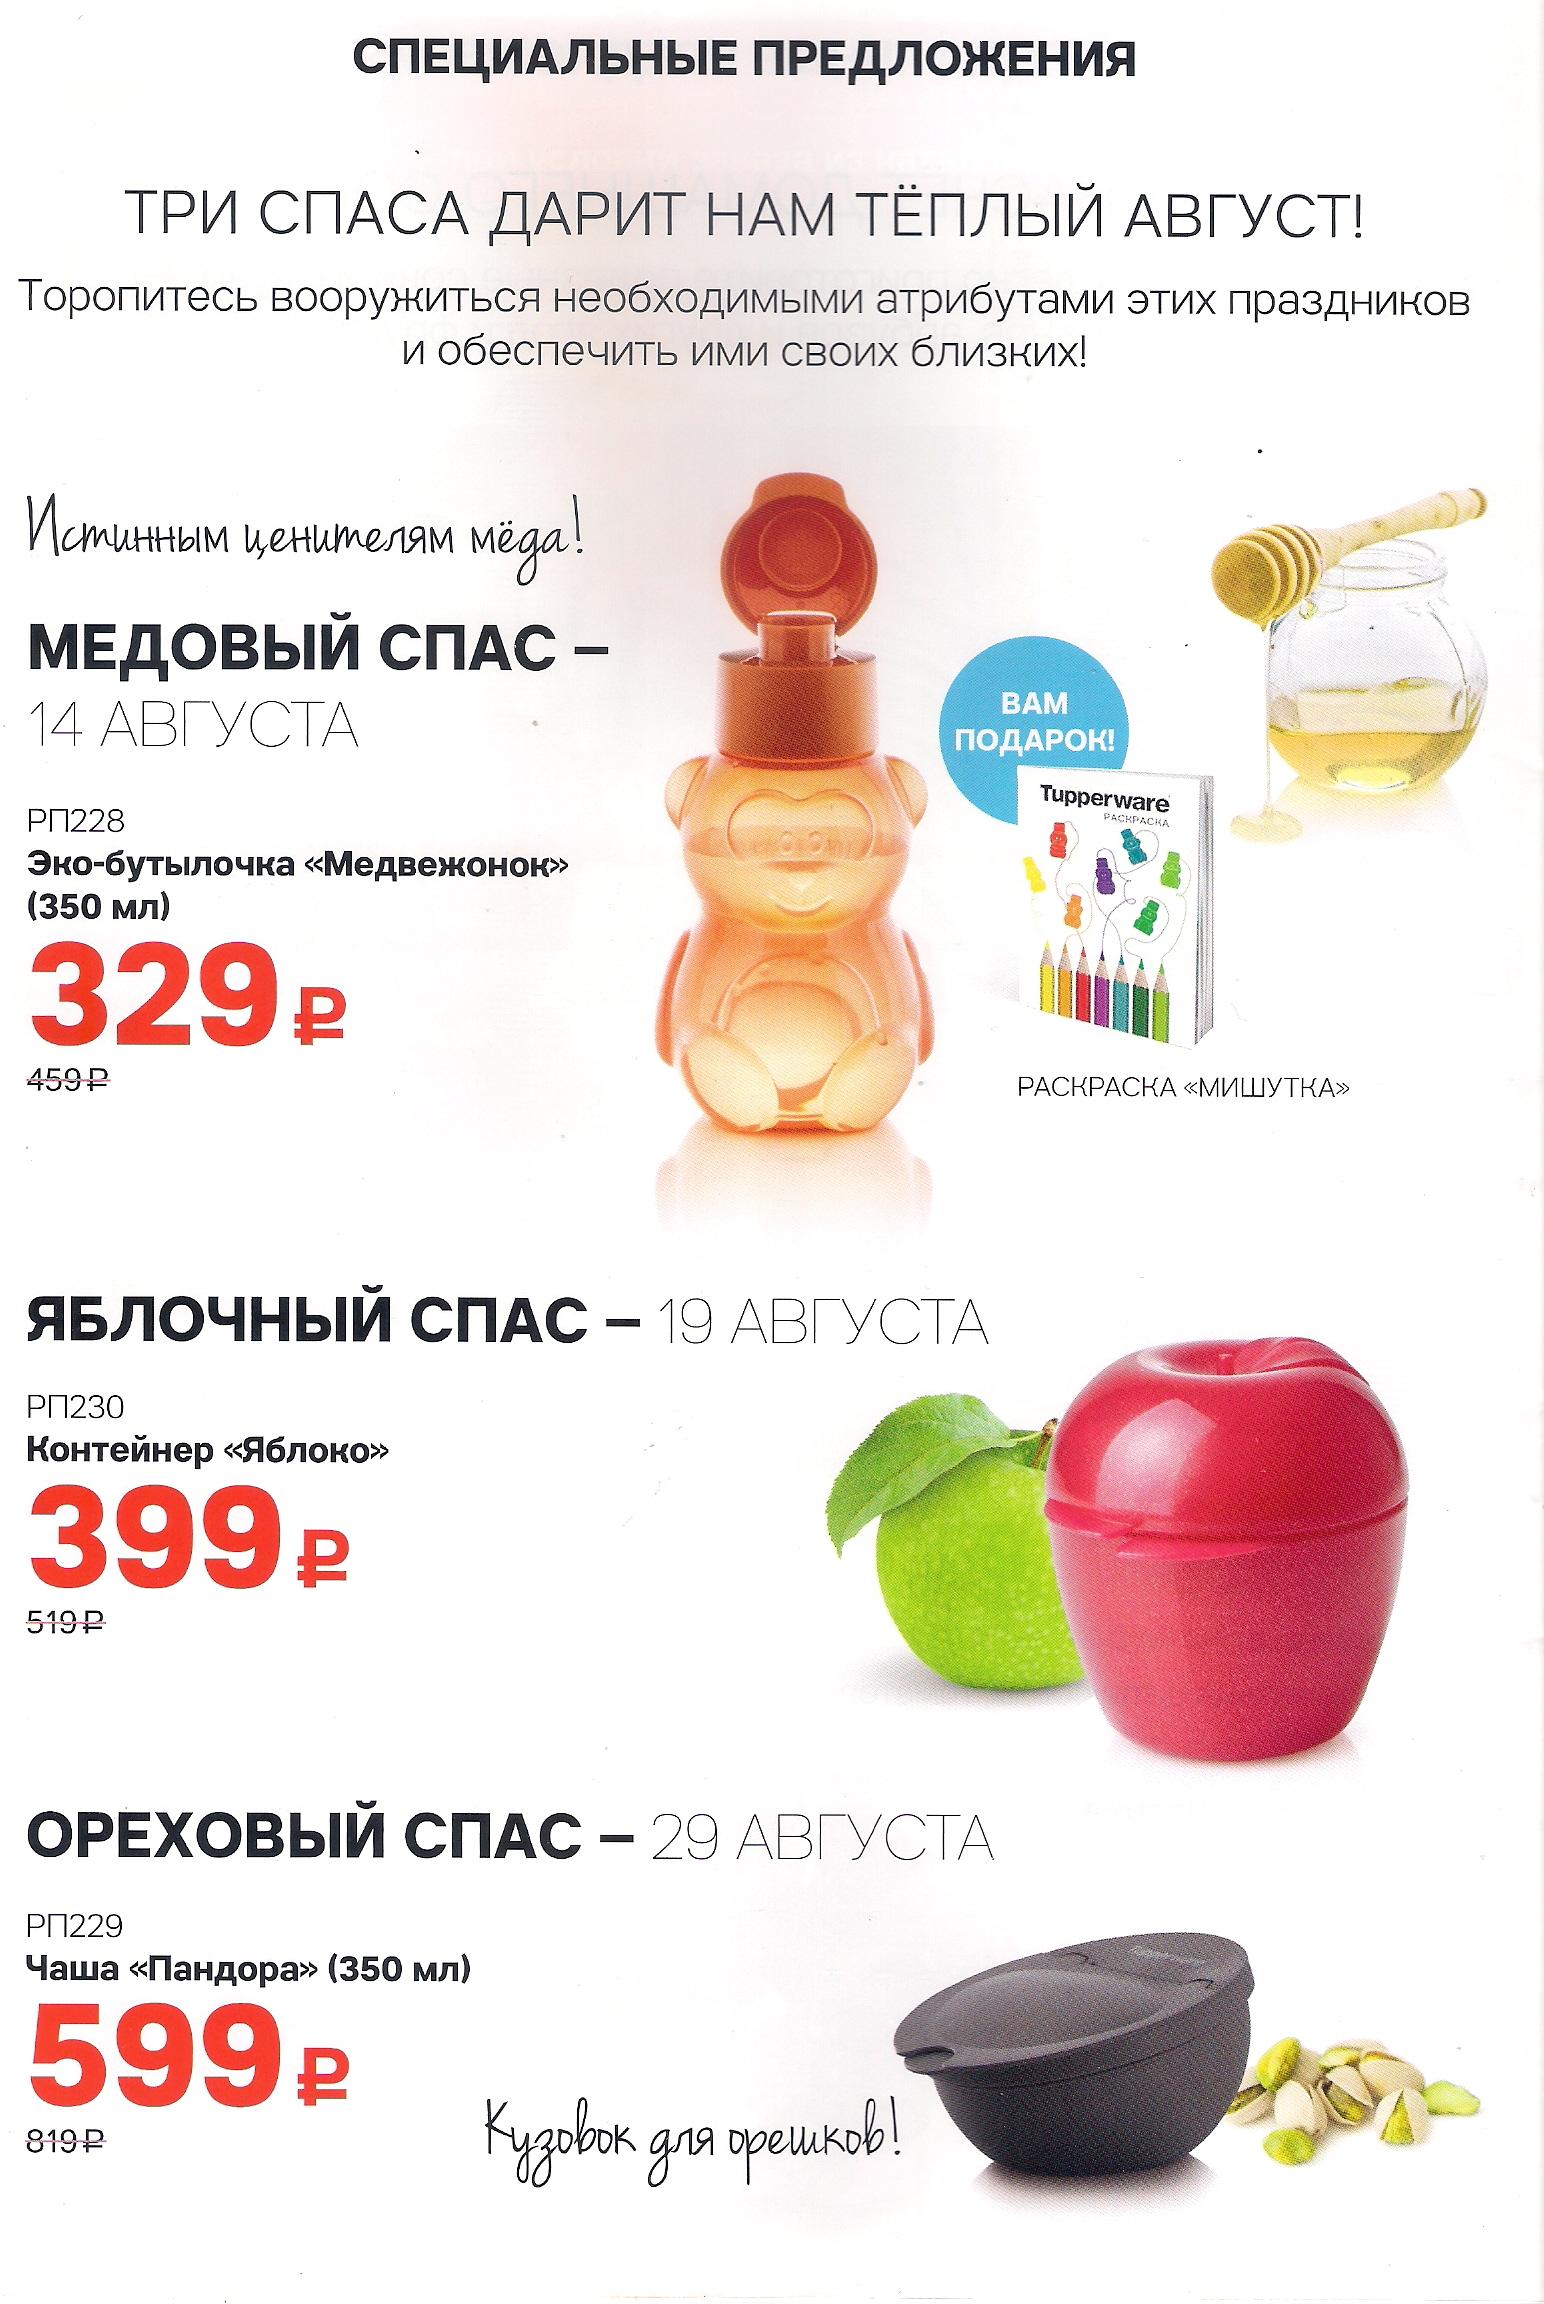 http://tupperware-online.ru/images/upload/19n.jpg